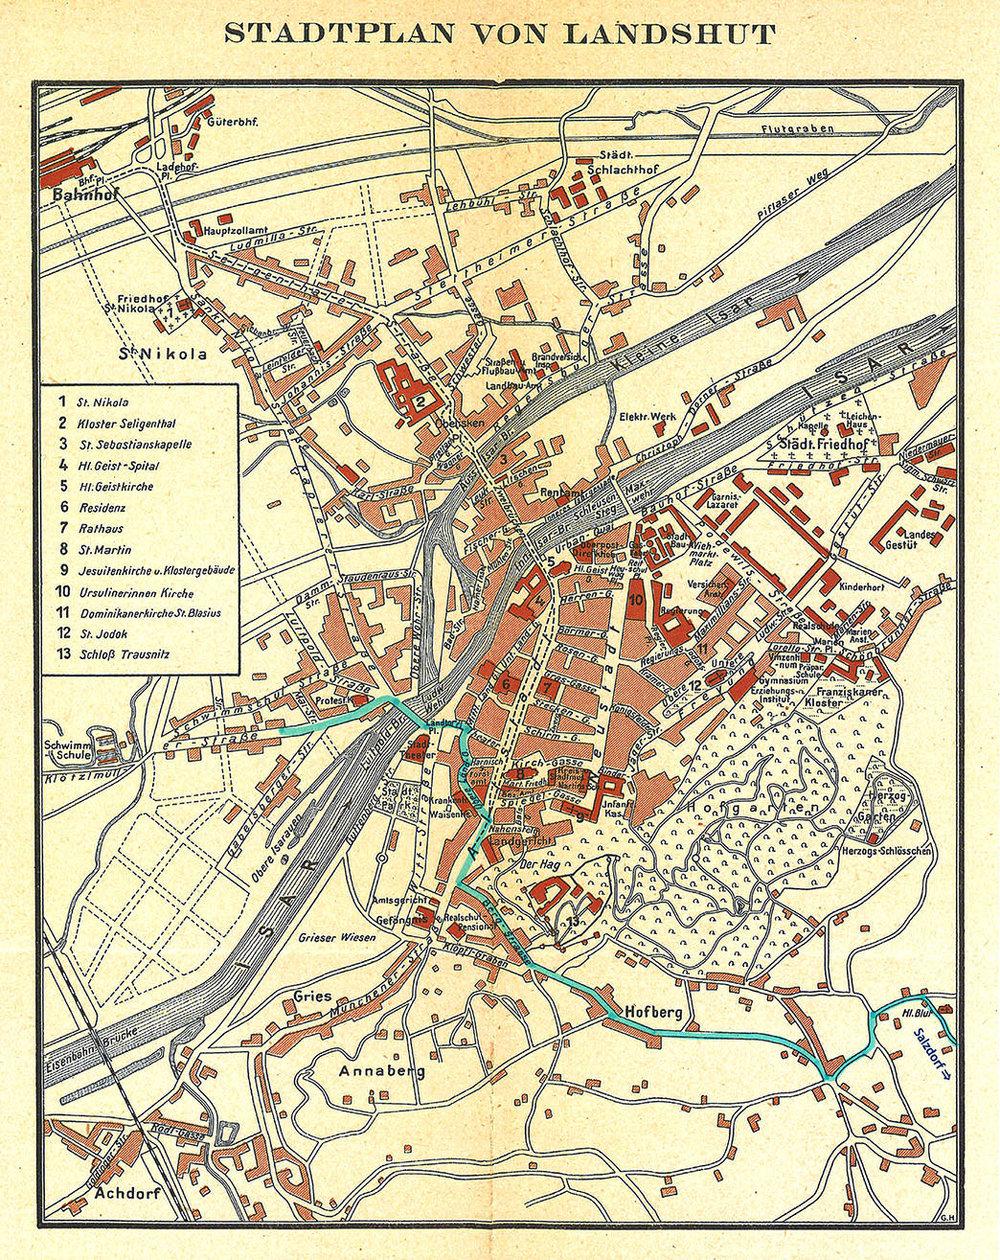 Abb.60 Stadtplan von Landshut. Beilage von: Alexander Heilmeyer, Landshut und Umgebung, München; Knorr & Hirth, ca. 1910